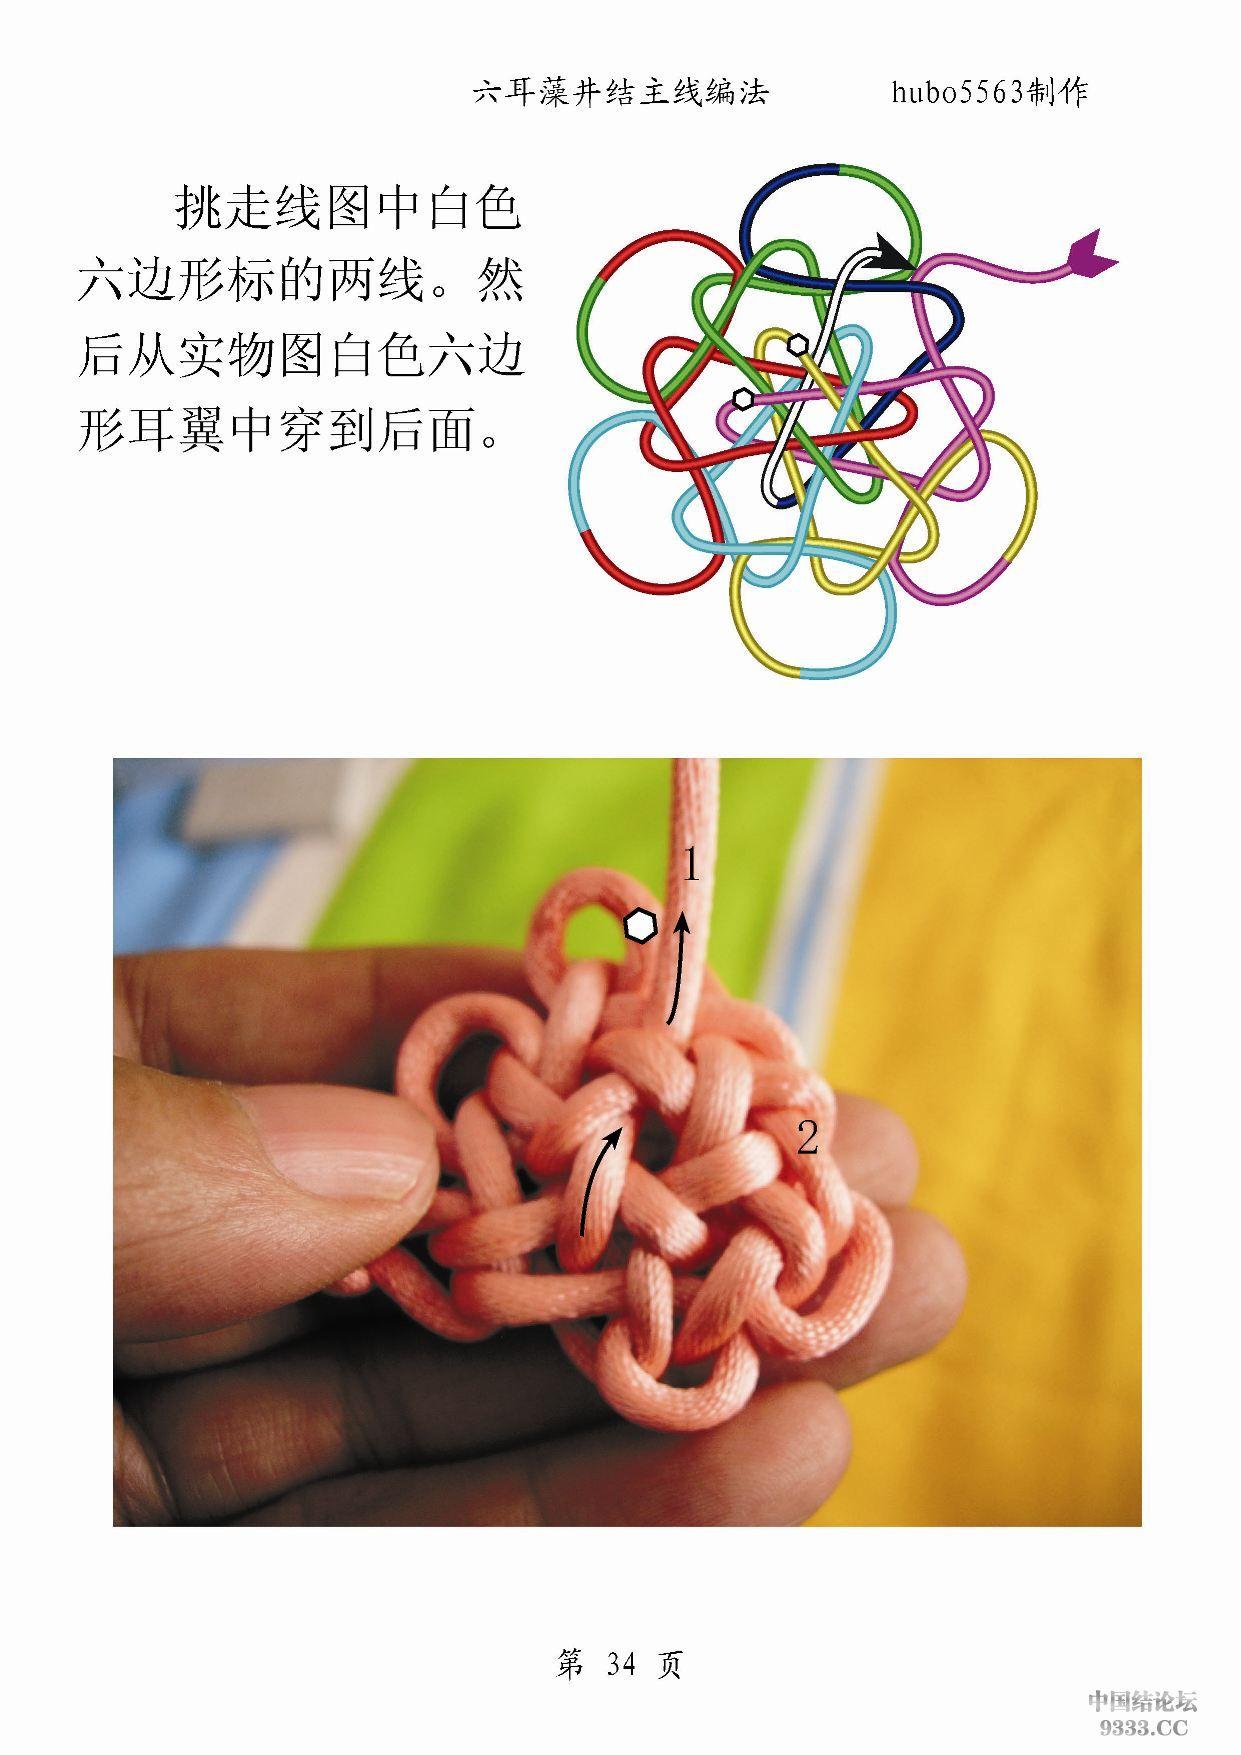 中国结论坛 原创新结---六耳藻井结主线编法徒手教程  基本结-新手入门必看 1002192216502a89934a92027d